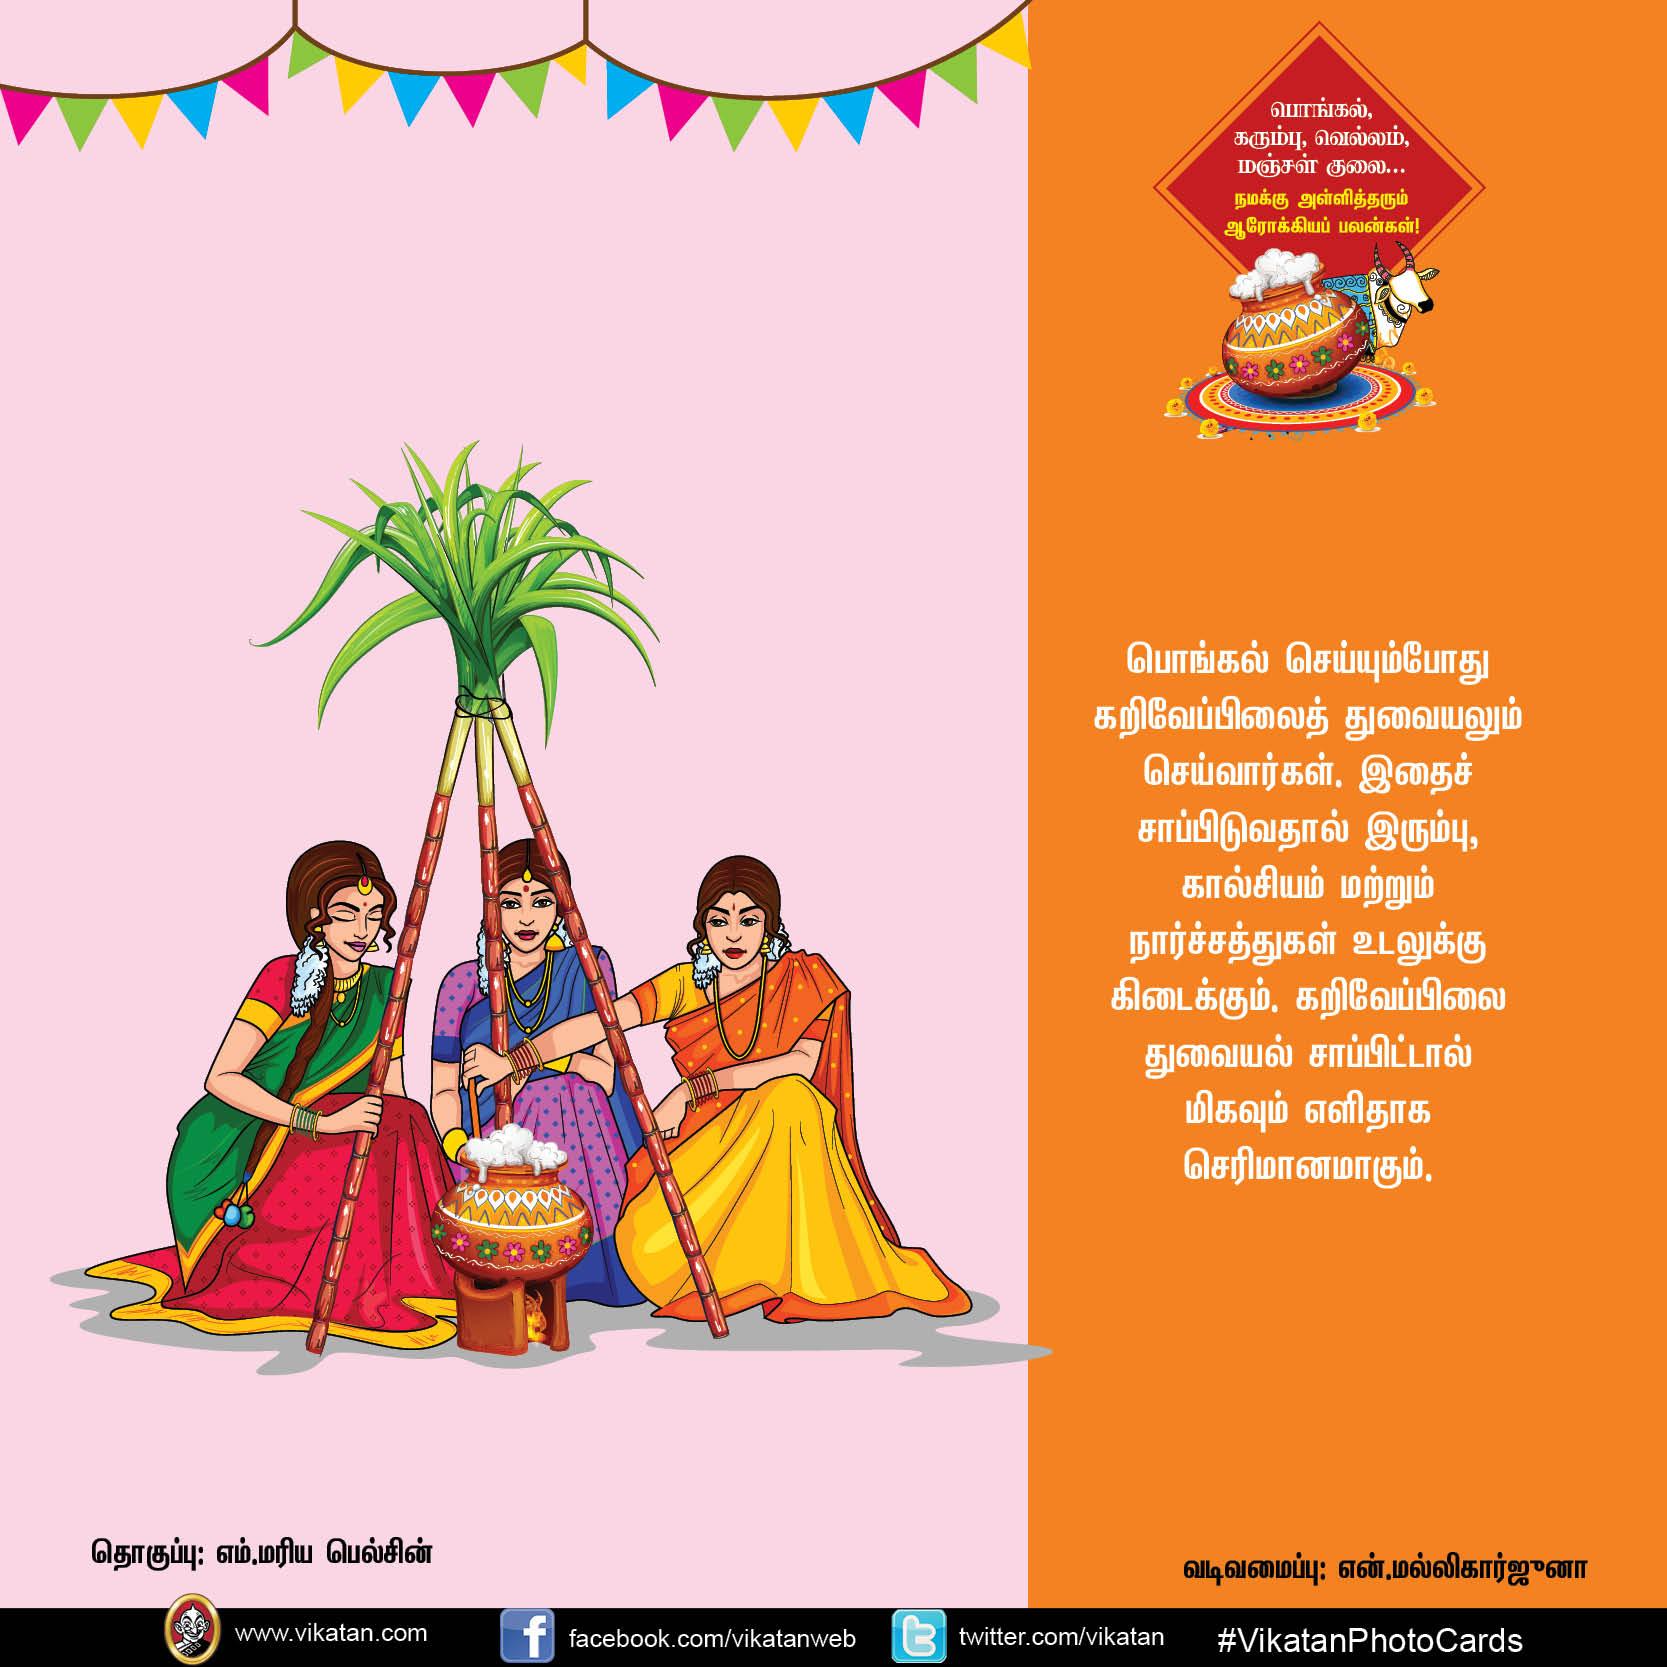 பொங்கல், கரும்பு, வெல்லம், மஞ்சள் குலை... நமக்கு அள்ளித்தரும் ஆரோக்கியப் பலன்கள்! #VikatanPhotoCards